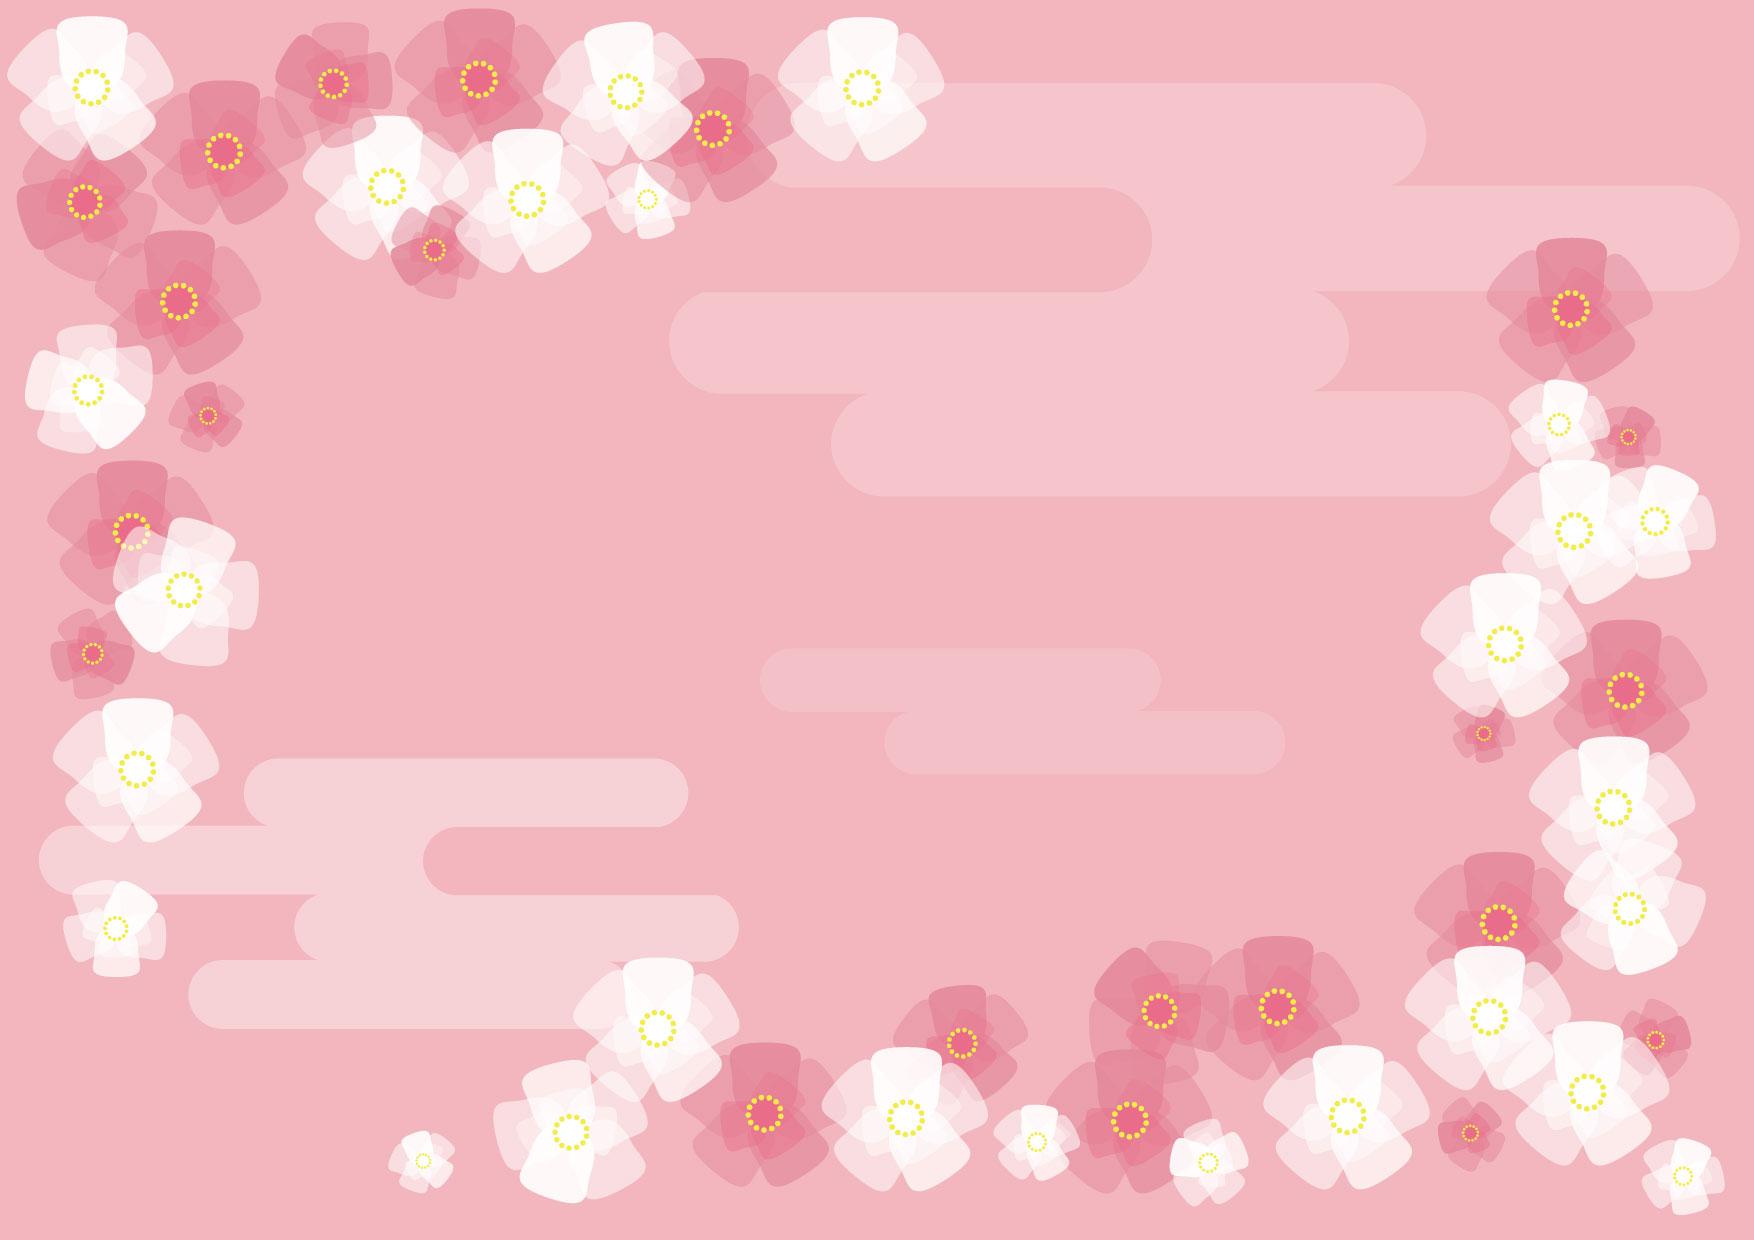 ひな祭り 桃の花 背景 イラスト 無料